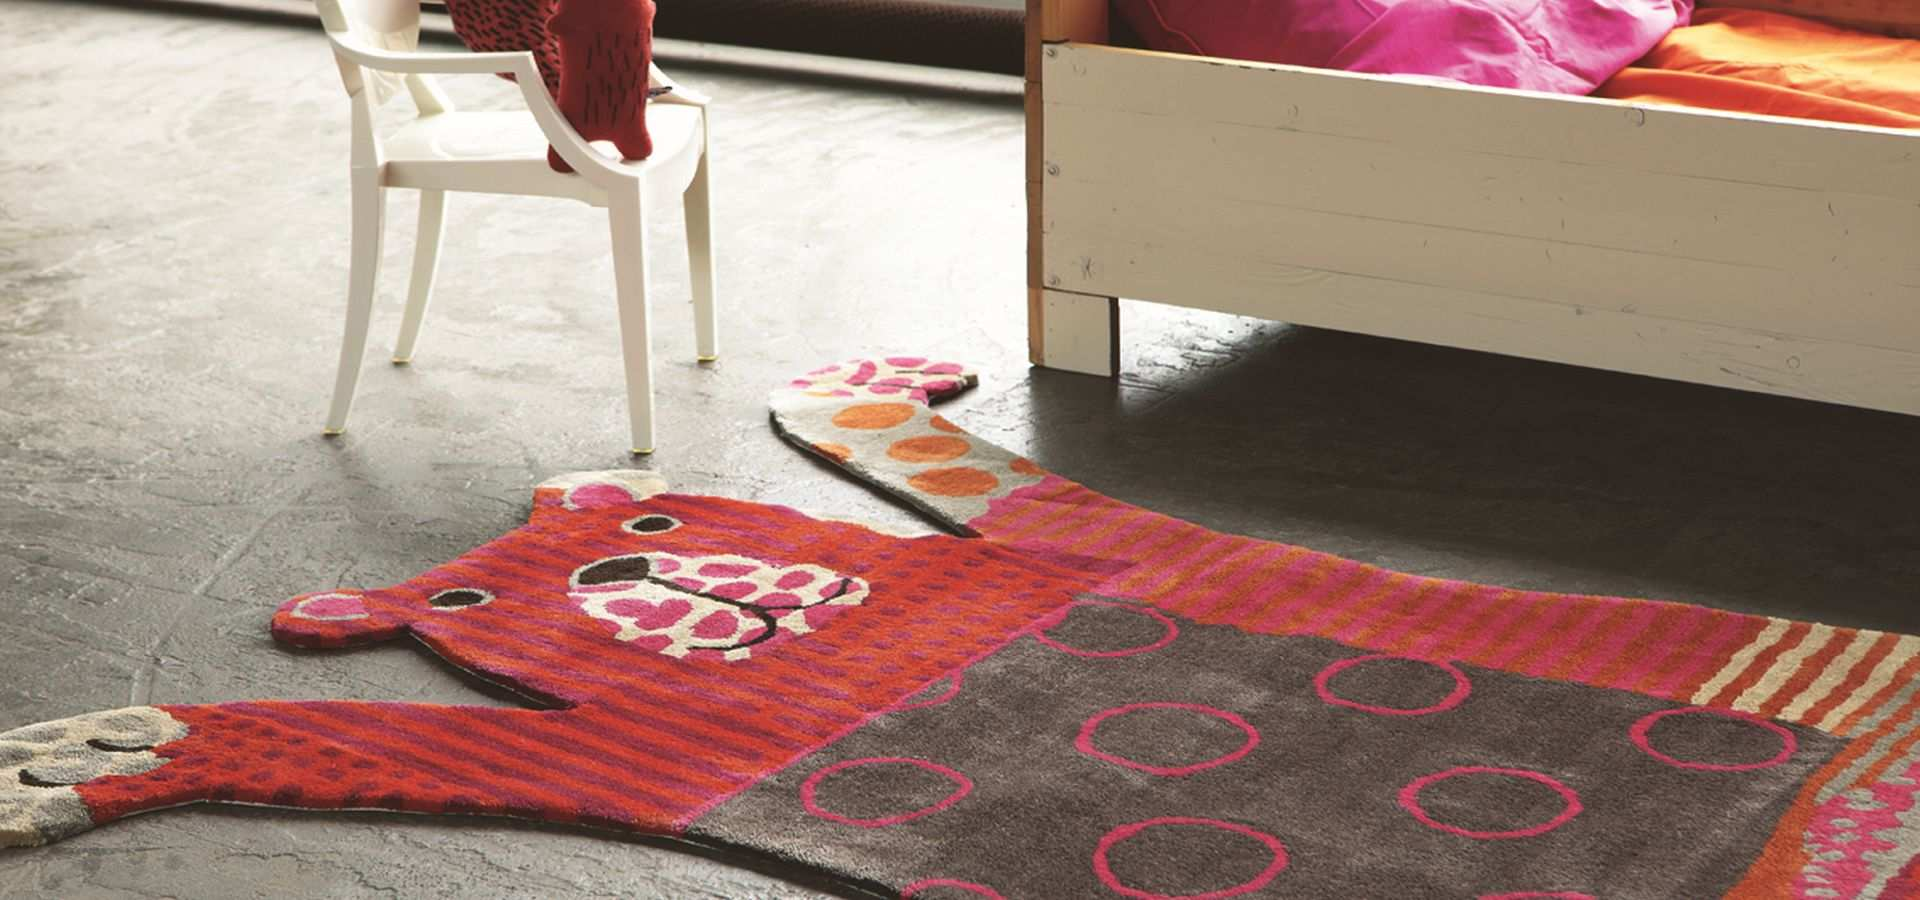 Bild Kinderzimmer Teppich mit Bär rot